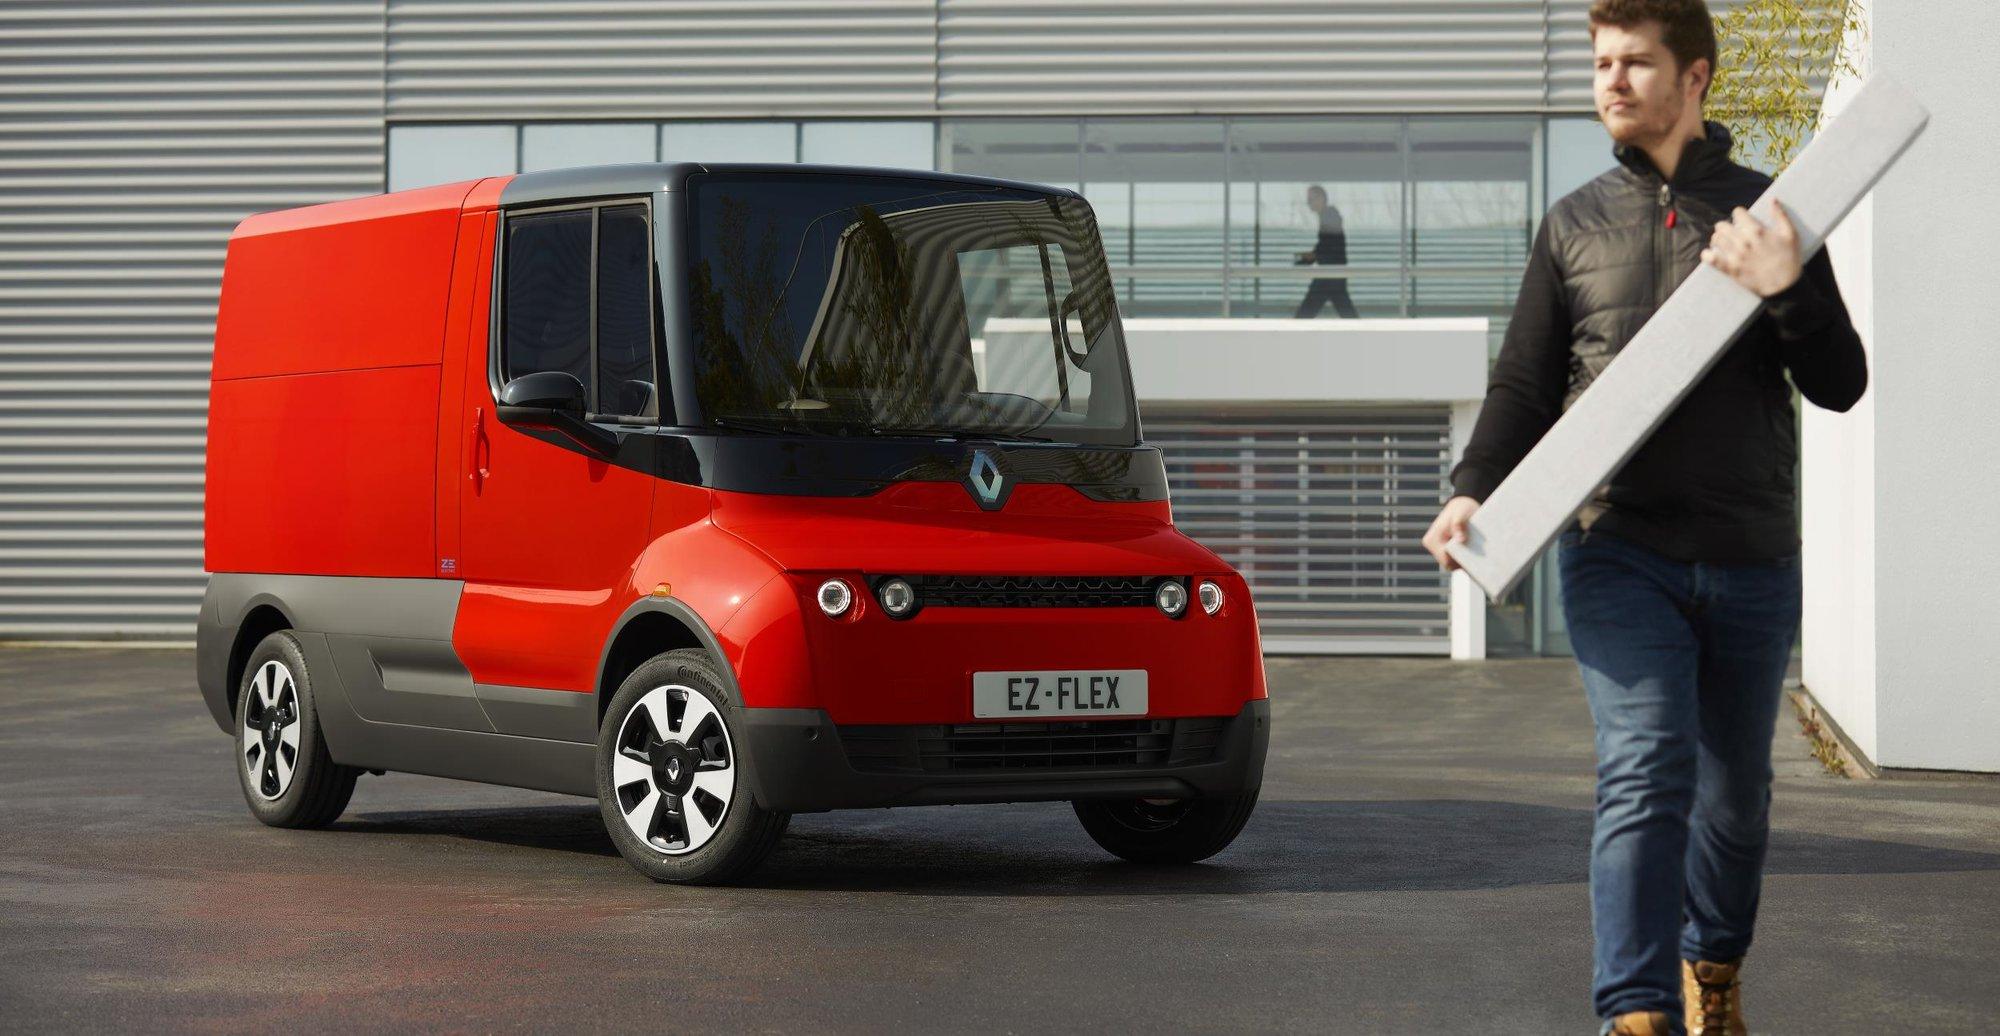 Renault má novou dodávku. Je elektrická a určená do městských ulic - anotační obrázek